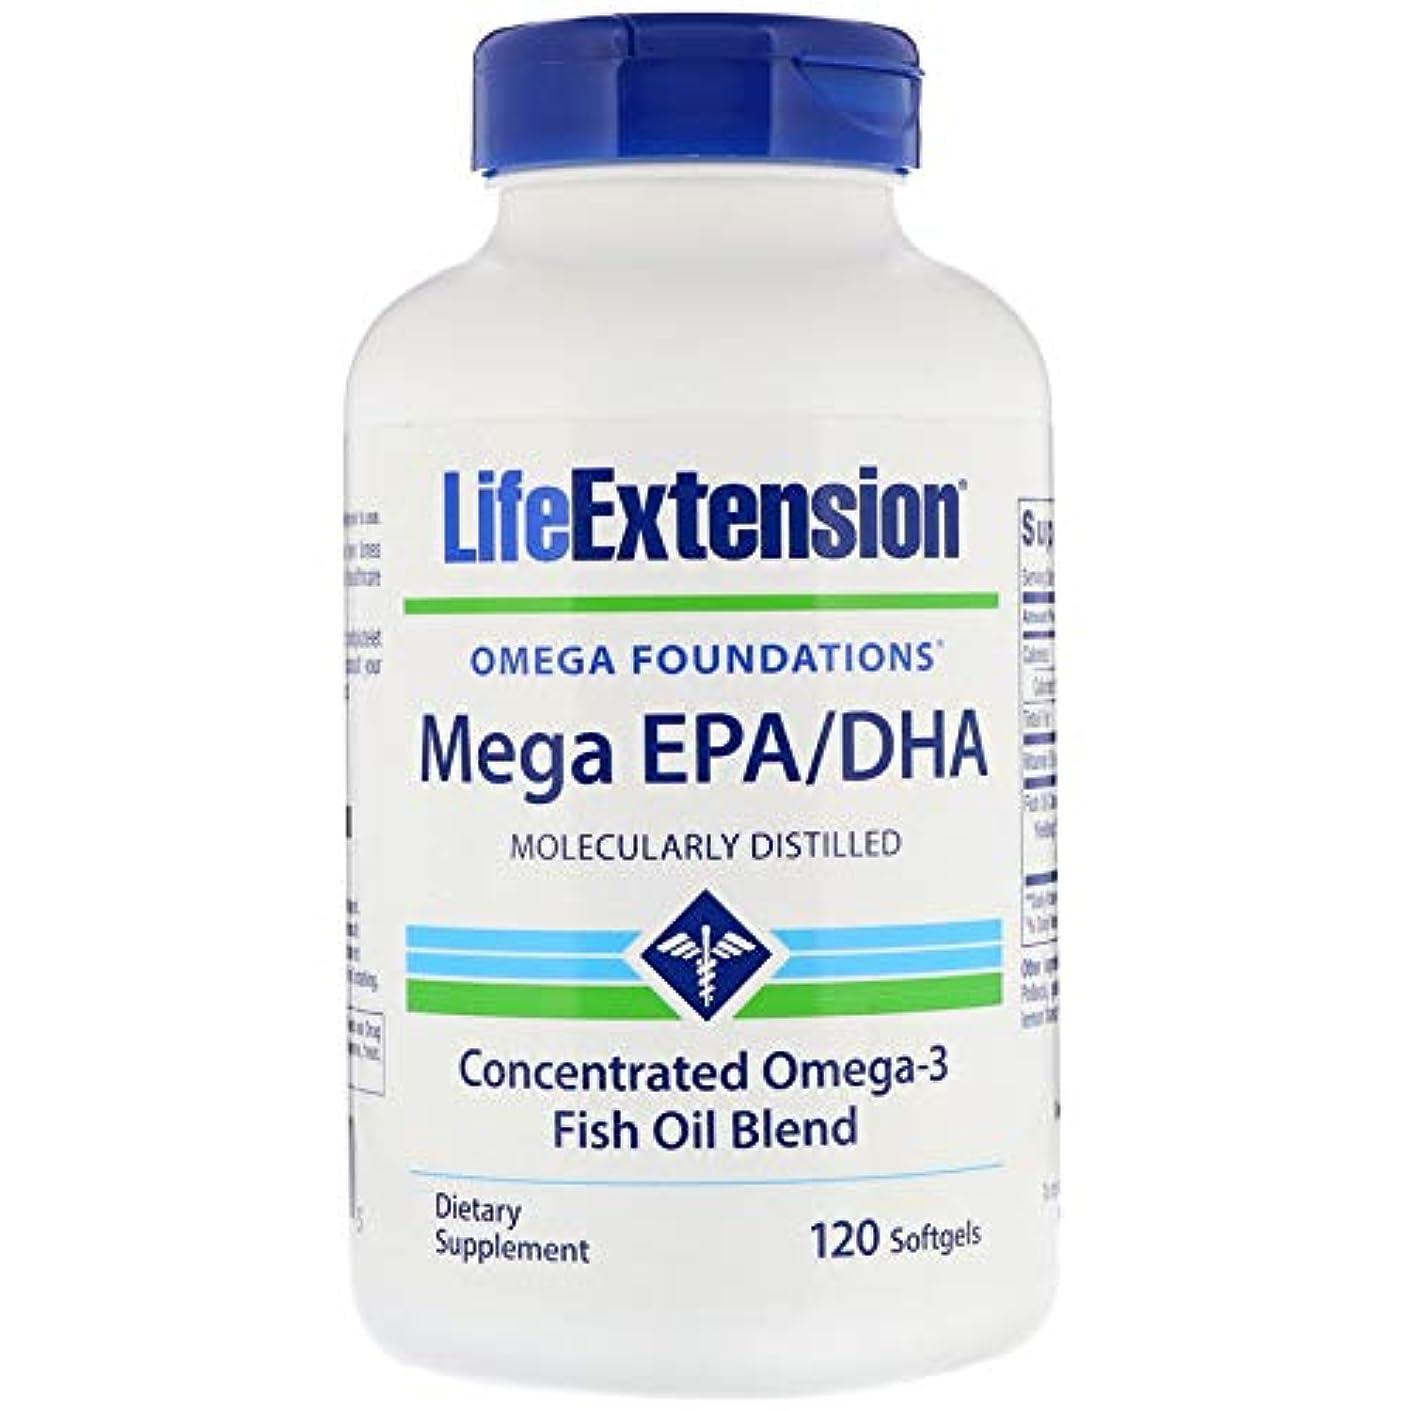 フィードオン干渉する手のひらメガ EPA/DHA600 mg含有/粒 120粒ソフトジェルカプセル 海外直送品